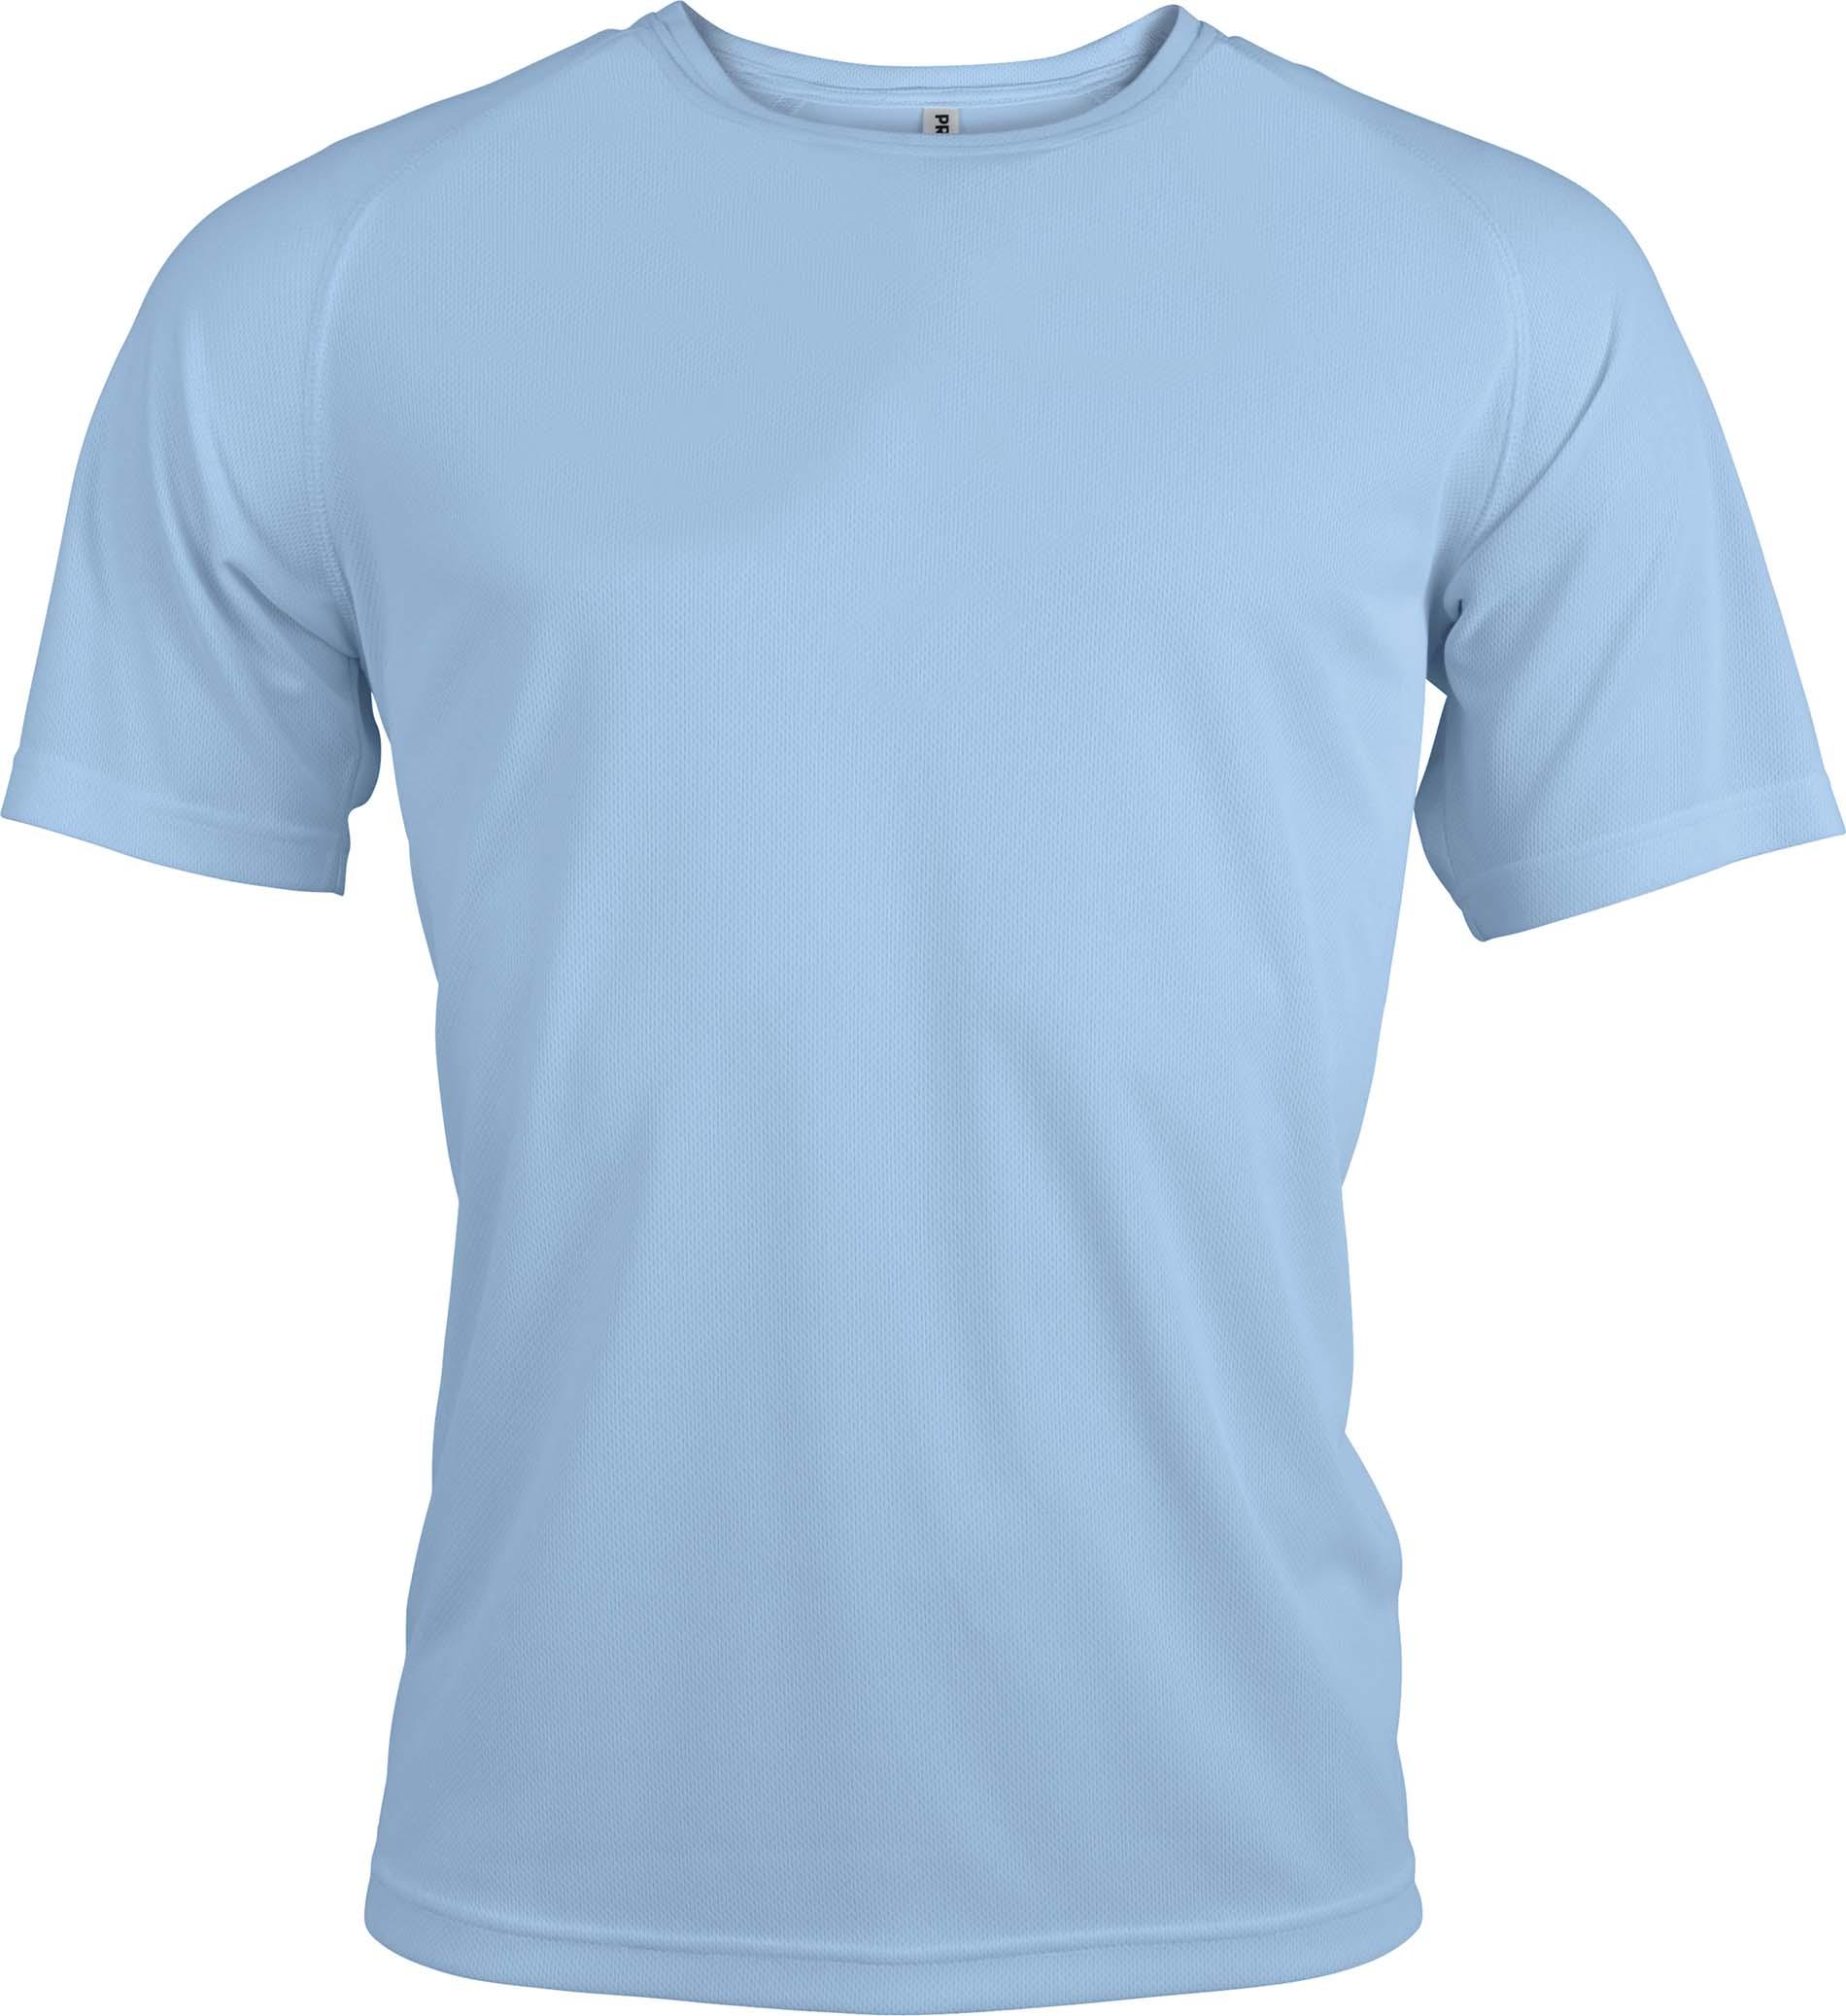 Miesten tekninen T-paita PA438 Sky blue